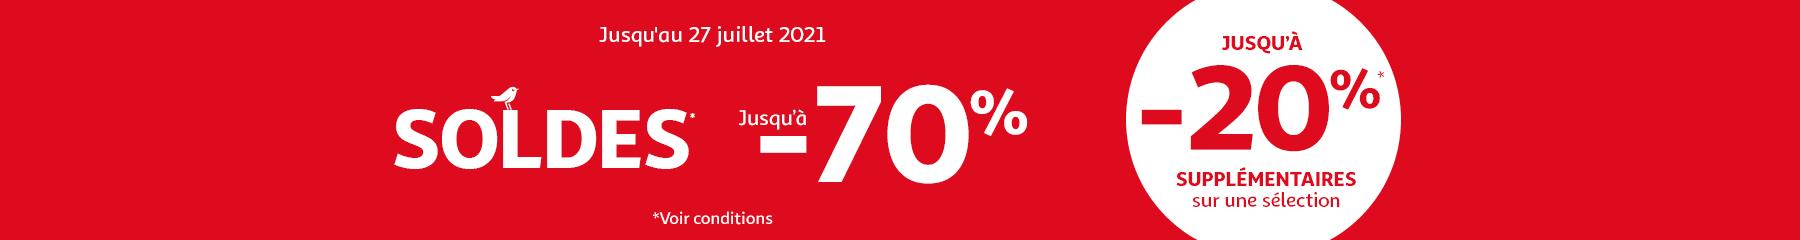 Soldes derniers jours ! jusqu'à -70% jusqu'au 27 juiller 2021 et jusqu'à -20% supplémentaires sur une sélection